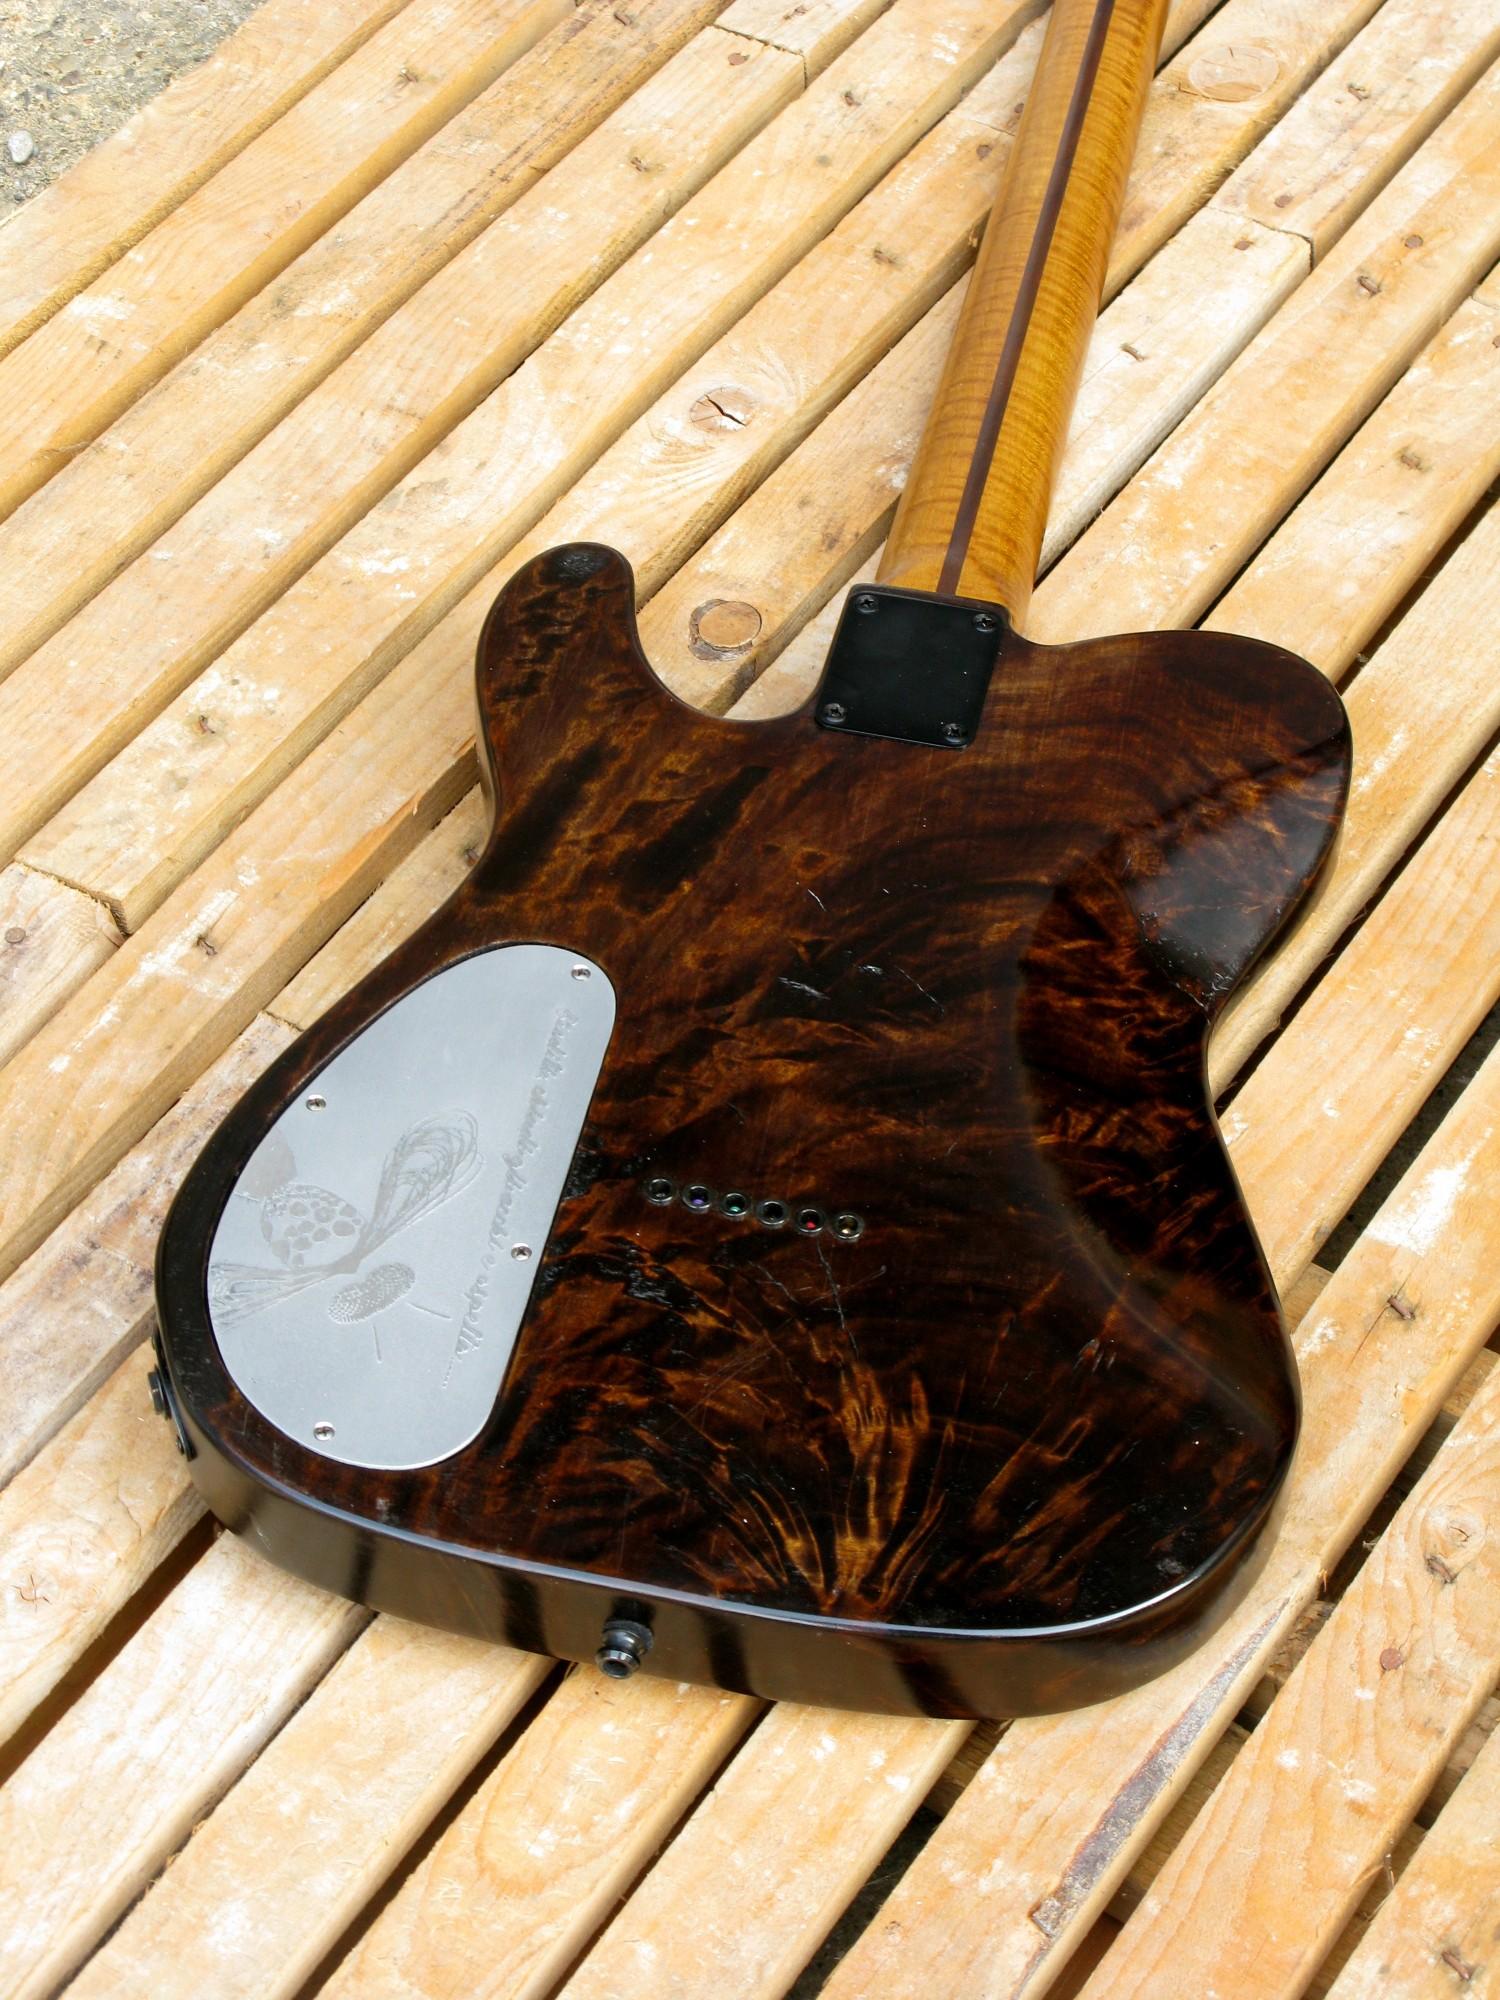 Retro del body di una chitarra Telecaster in radica di pioppo